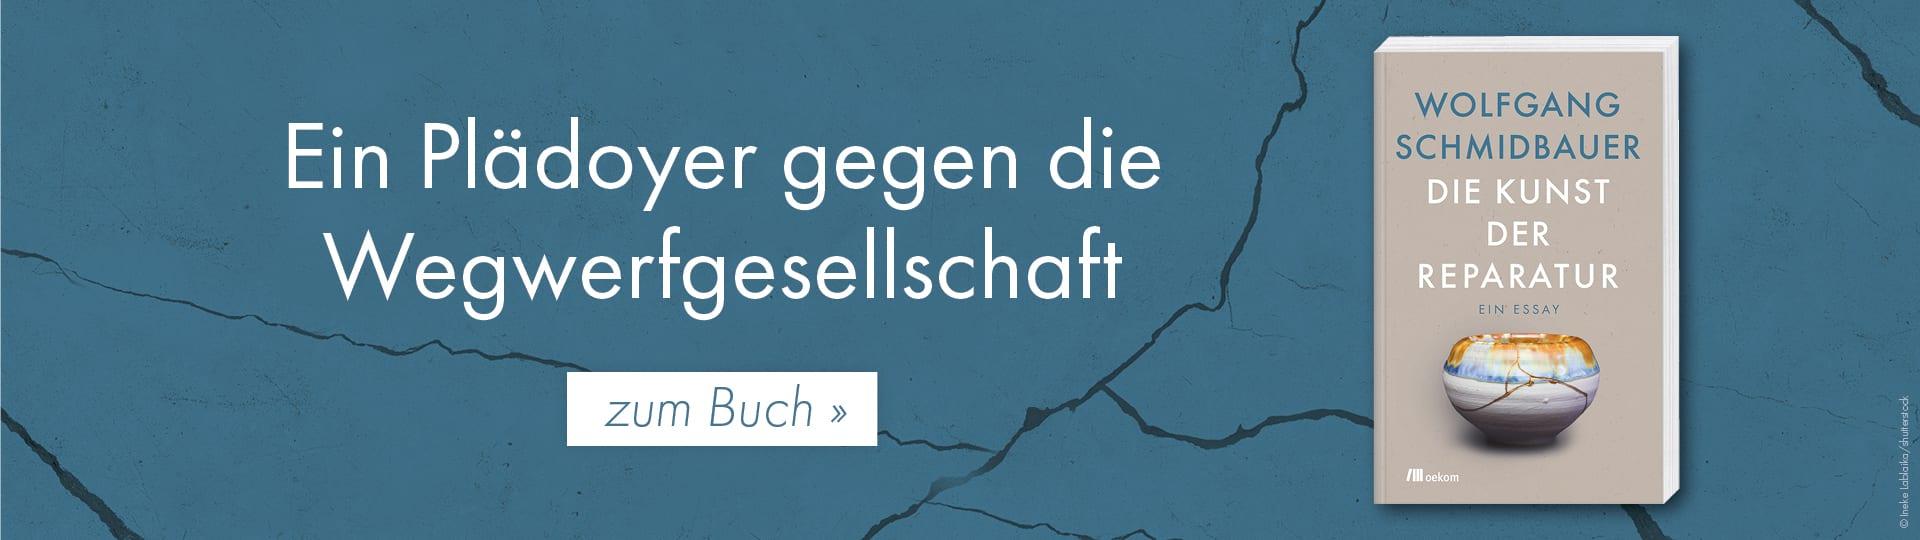 Werbebanner zu Wolfgang Schmidbauers Buch »Die Kunst der Reparatur«